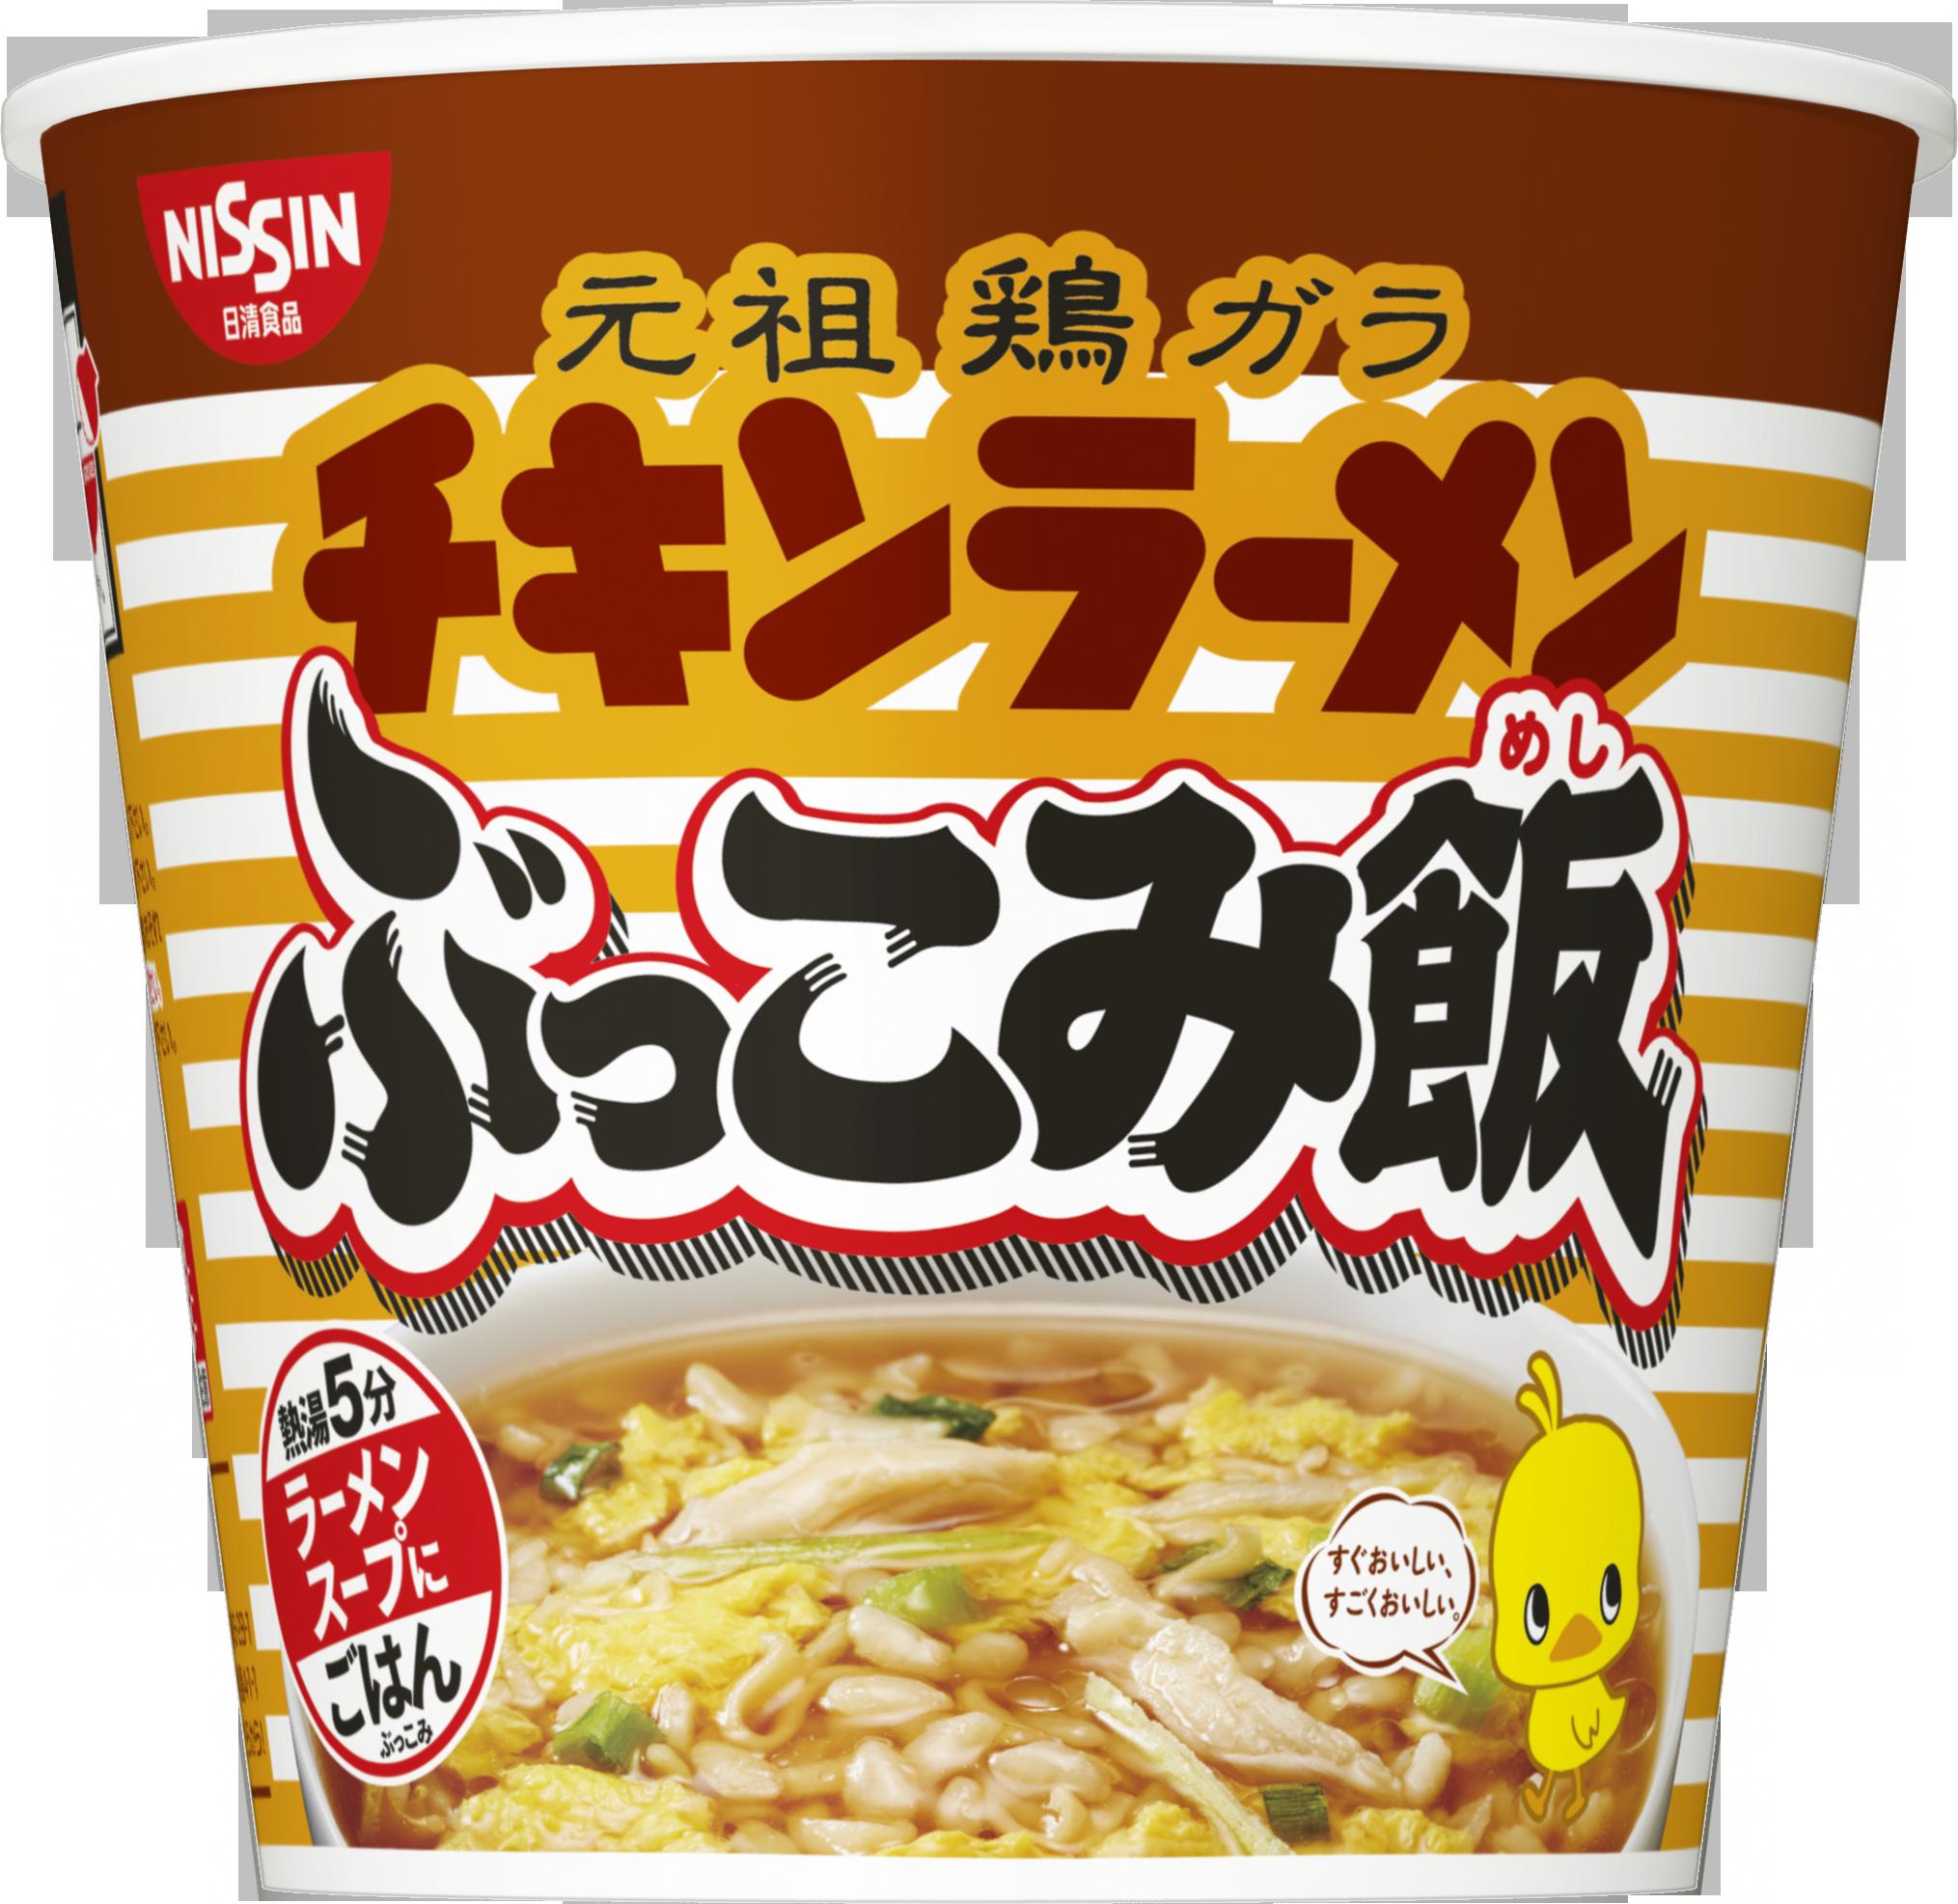 「チキンラーメン ぶっこみ飯」の画像検索結果